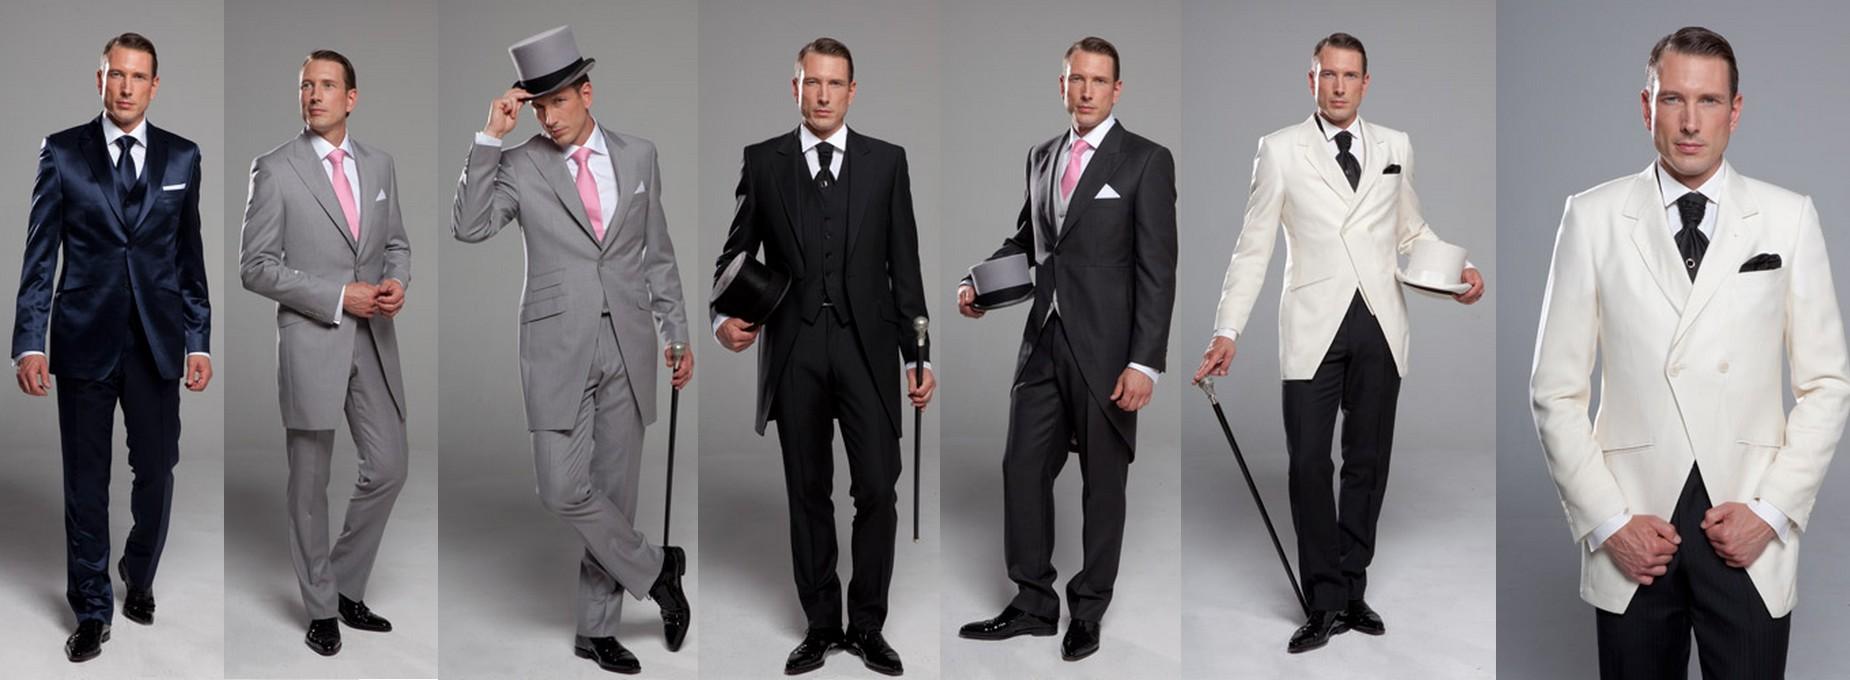 Pour ce jour unique, où vous partagerez la vedette avec la plus belle des mariées, vous souhaitez que votre tenue soit à la hauteur de sa robe et de l'événement : d'une élégance ultime et sans faute de goût. C'est le moment où jamais de prendre rendez-vous avec Kees van Beers